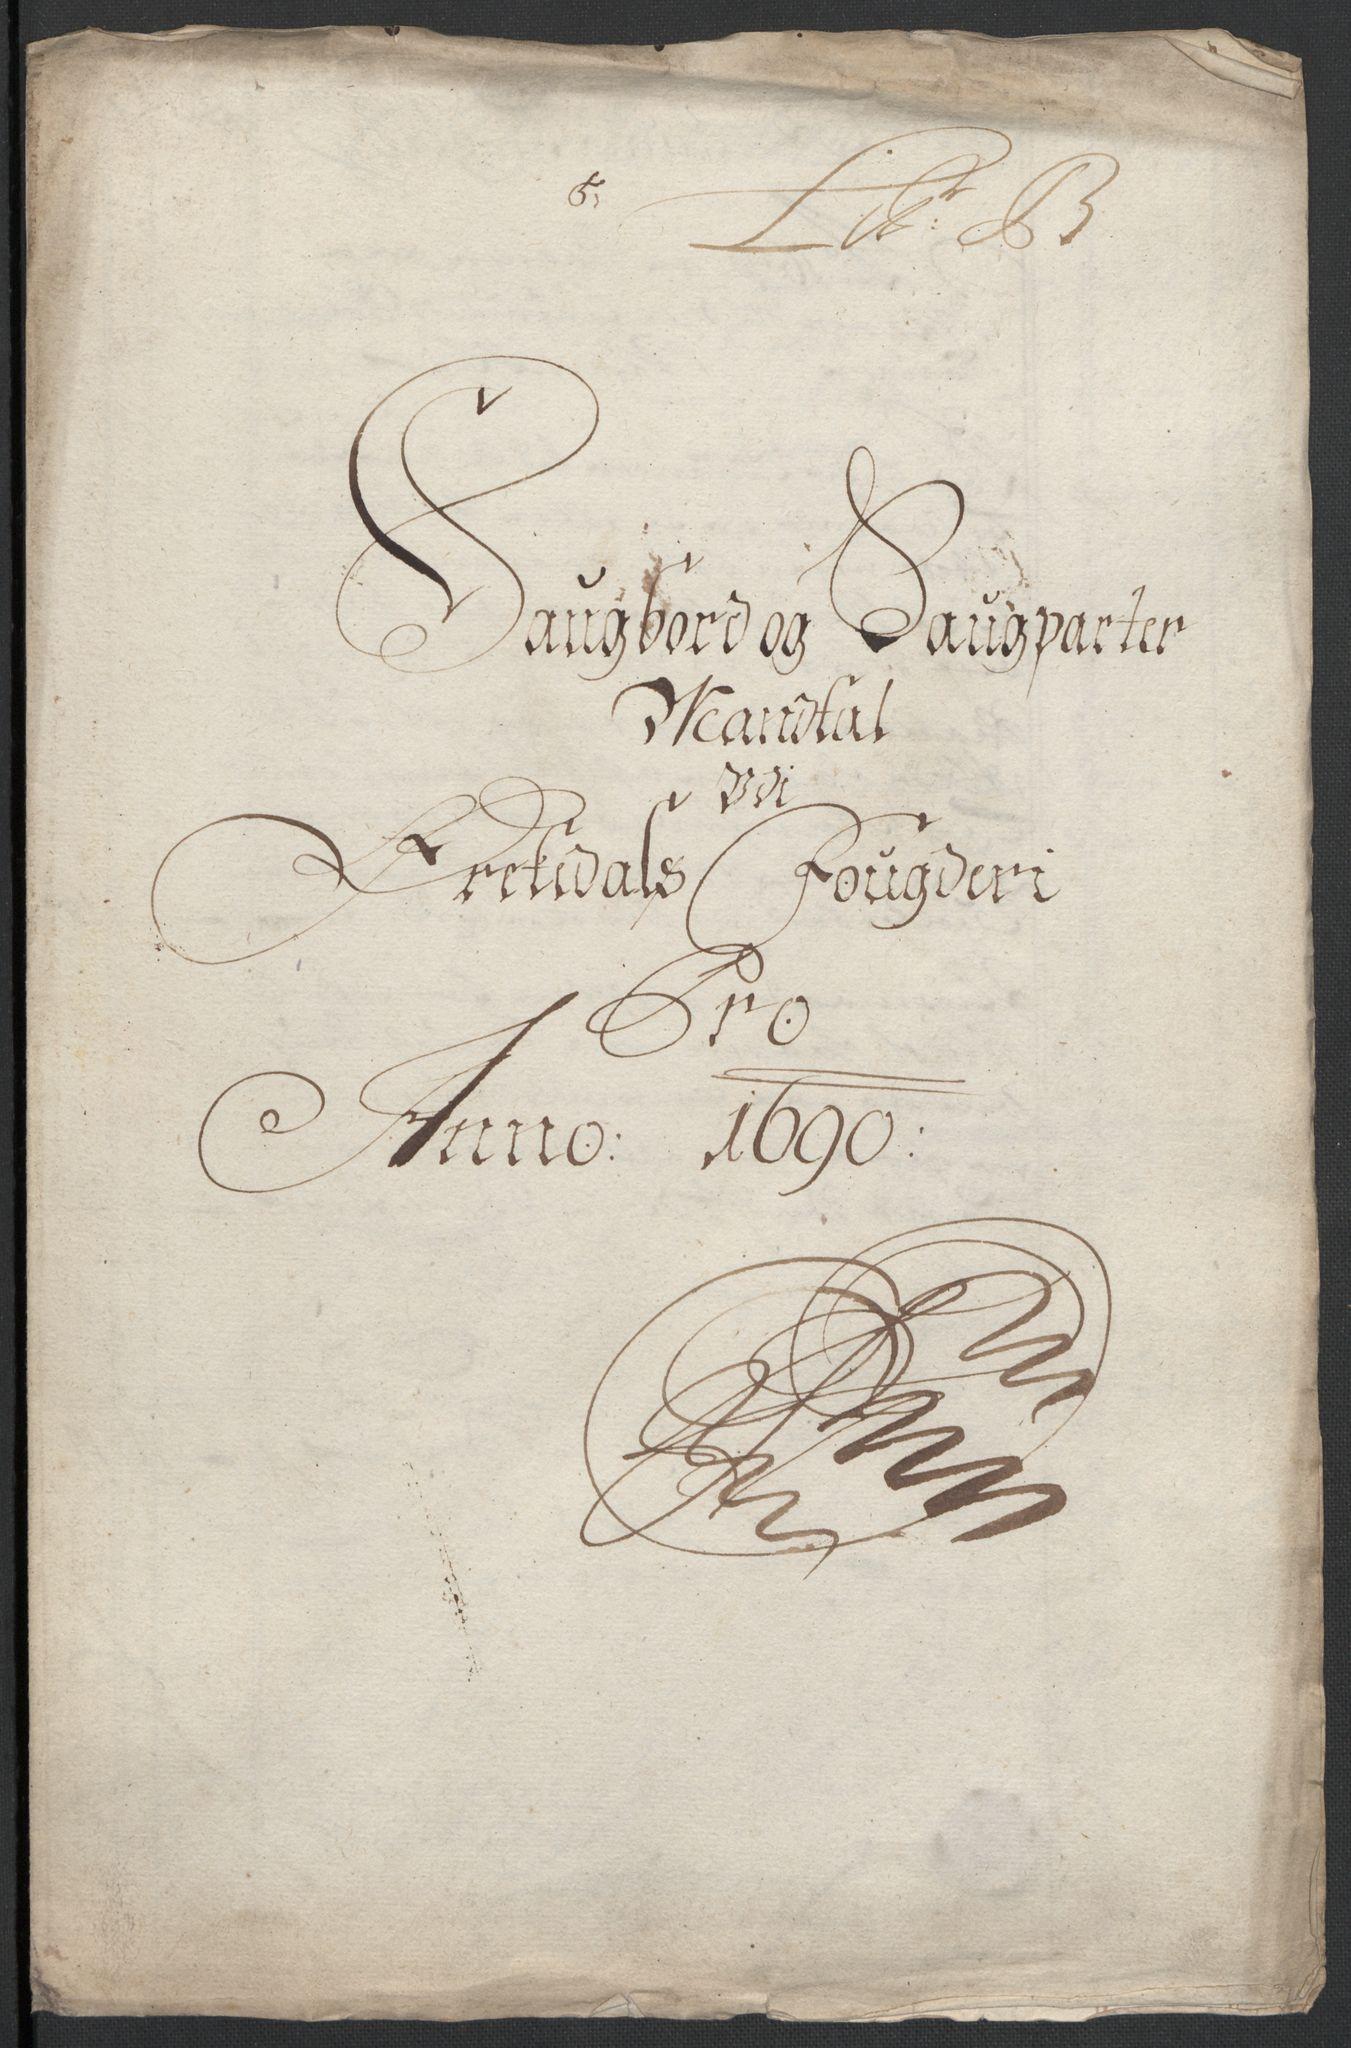 RA, Rentekammeret inntil 1814, Reviderte regnskaper, Fogderegnskap, R58/L3936: Fogderegnskap Orkdal, 1689-1690, s. 326